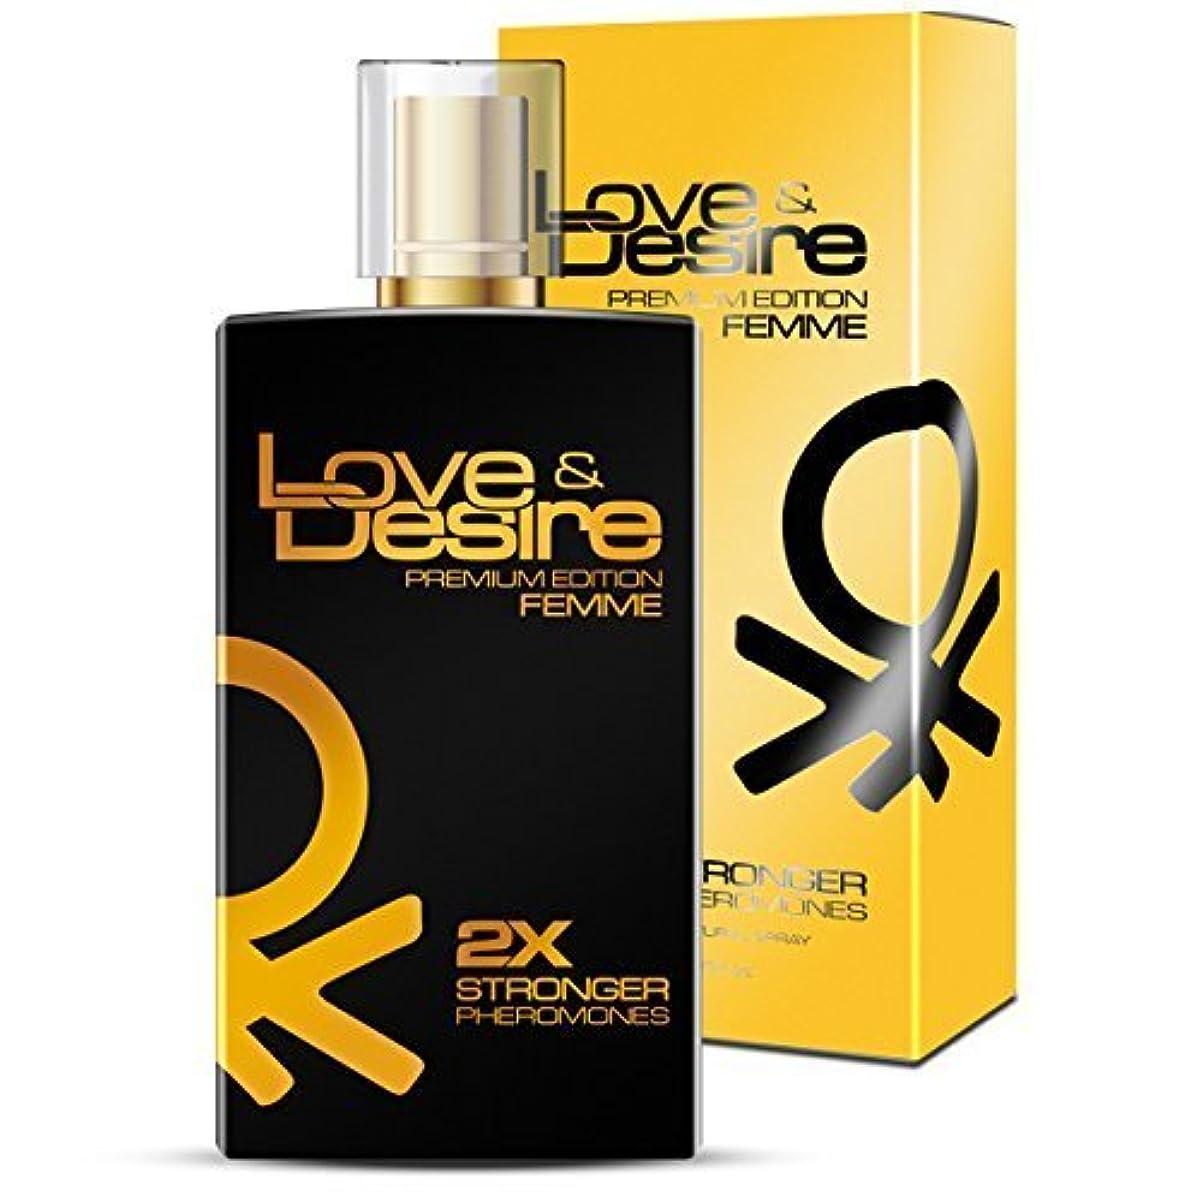 舗装謝罪する豆Love&Desire PREMIUM 女性用フェロモン100ml 1香水中4フェロモン